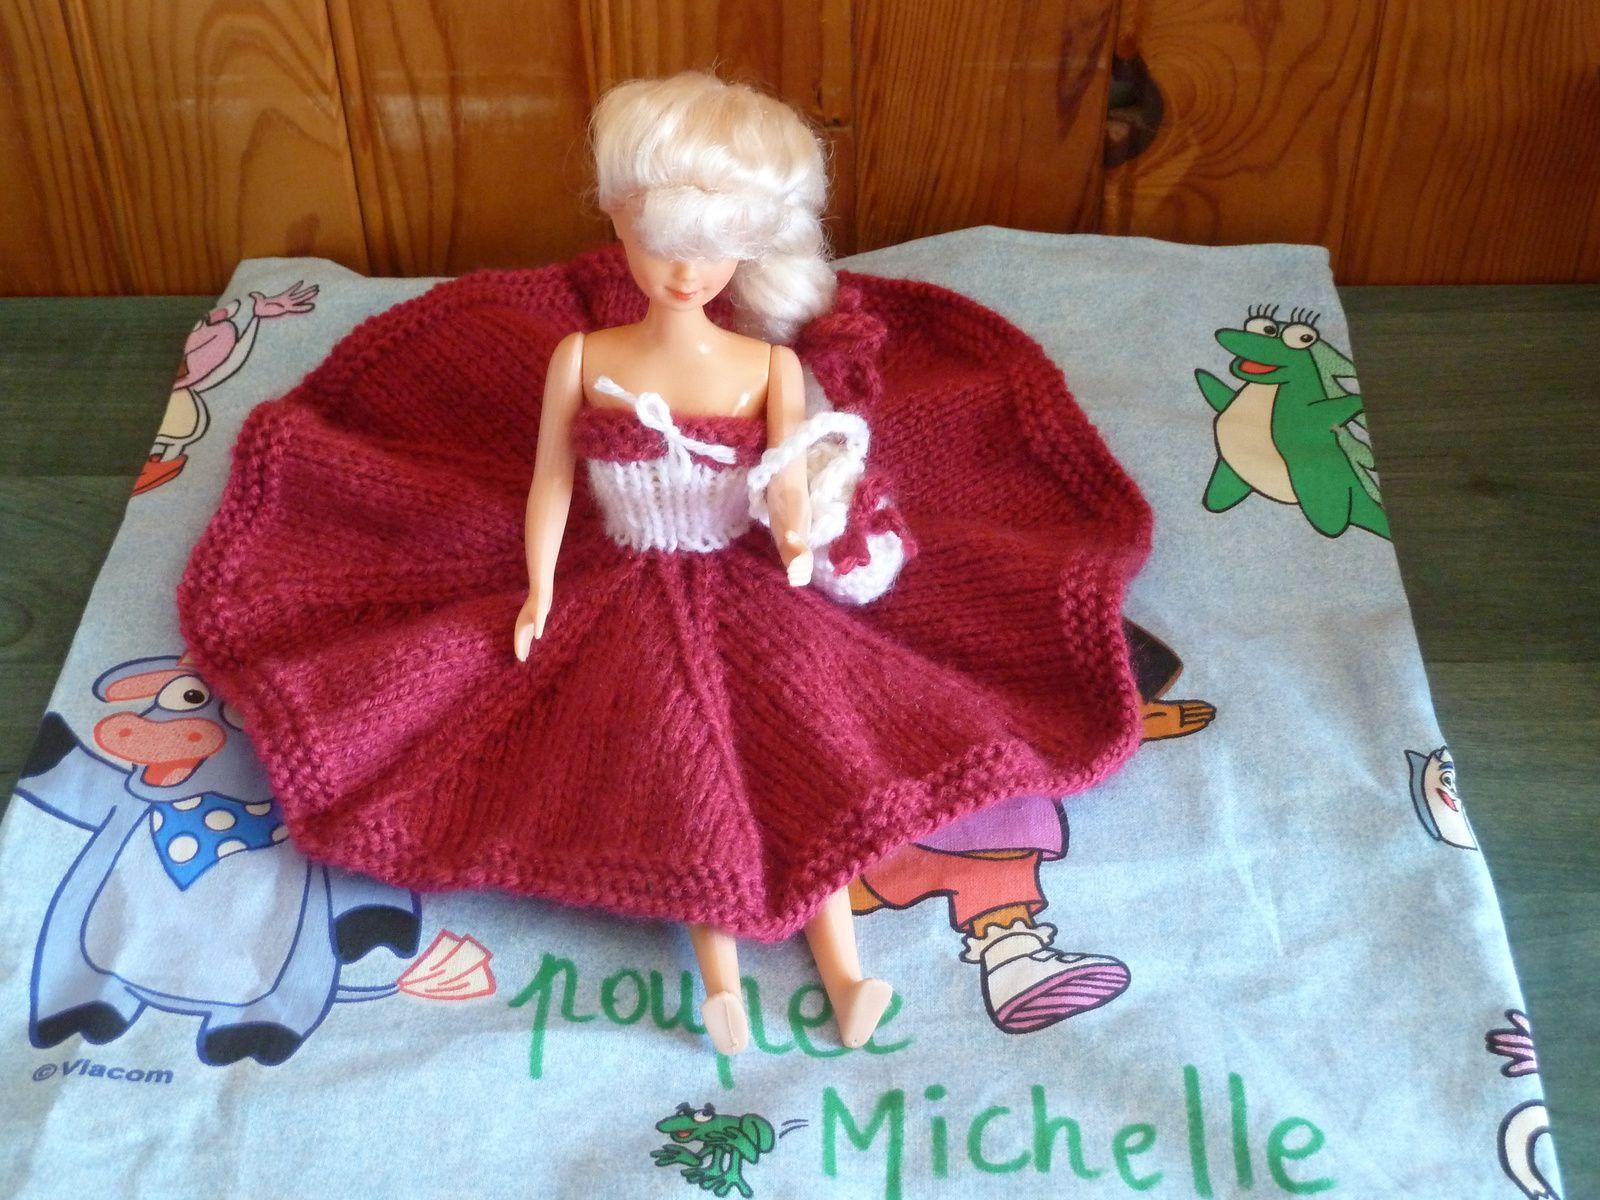 N°324 Le sac de la poupée Michelle : préparation